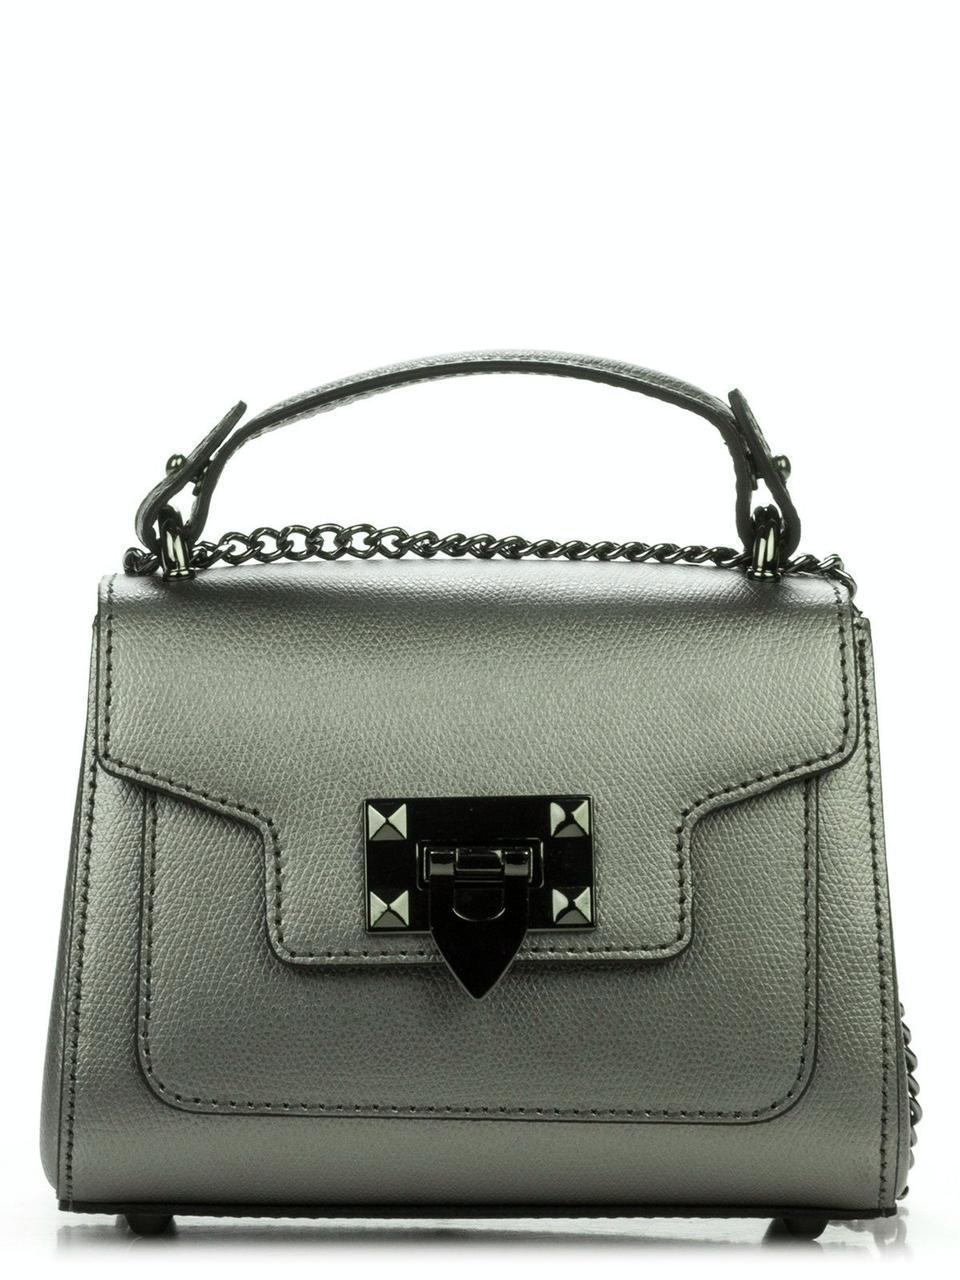 Женская кожаная сумка NIKKI Diva's Bag цвет стальной